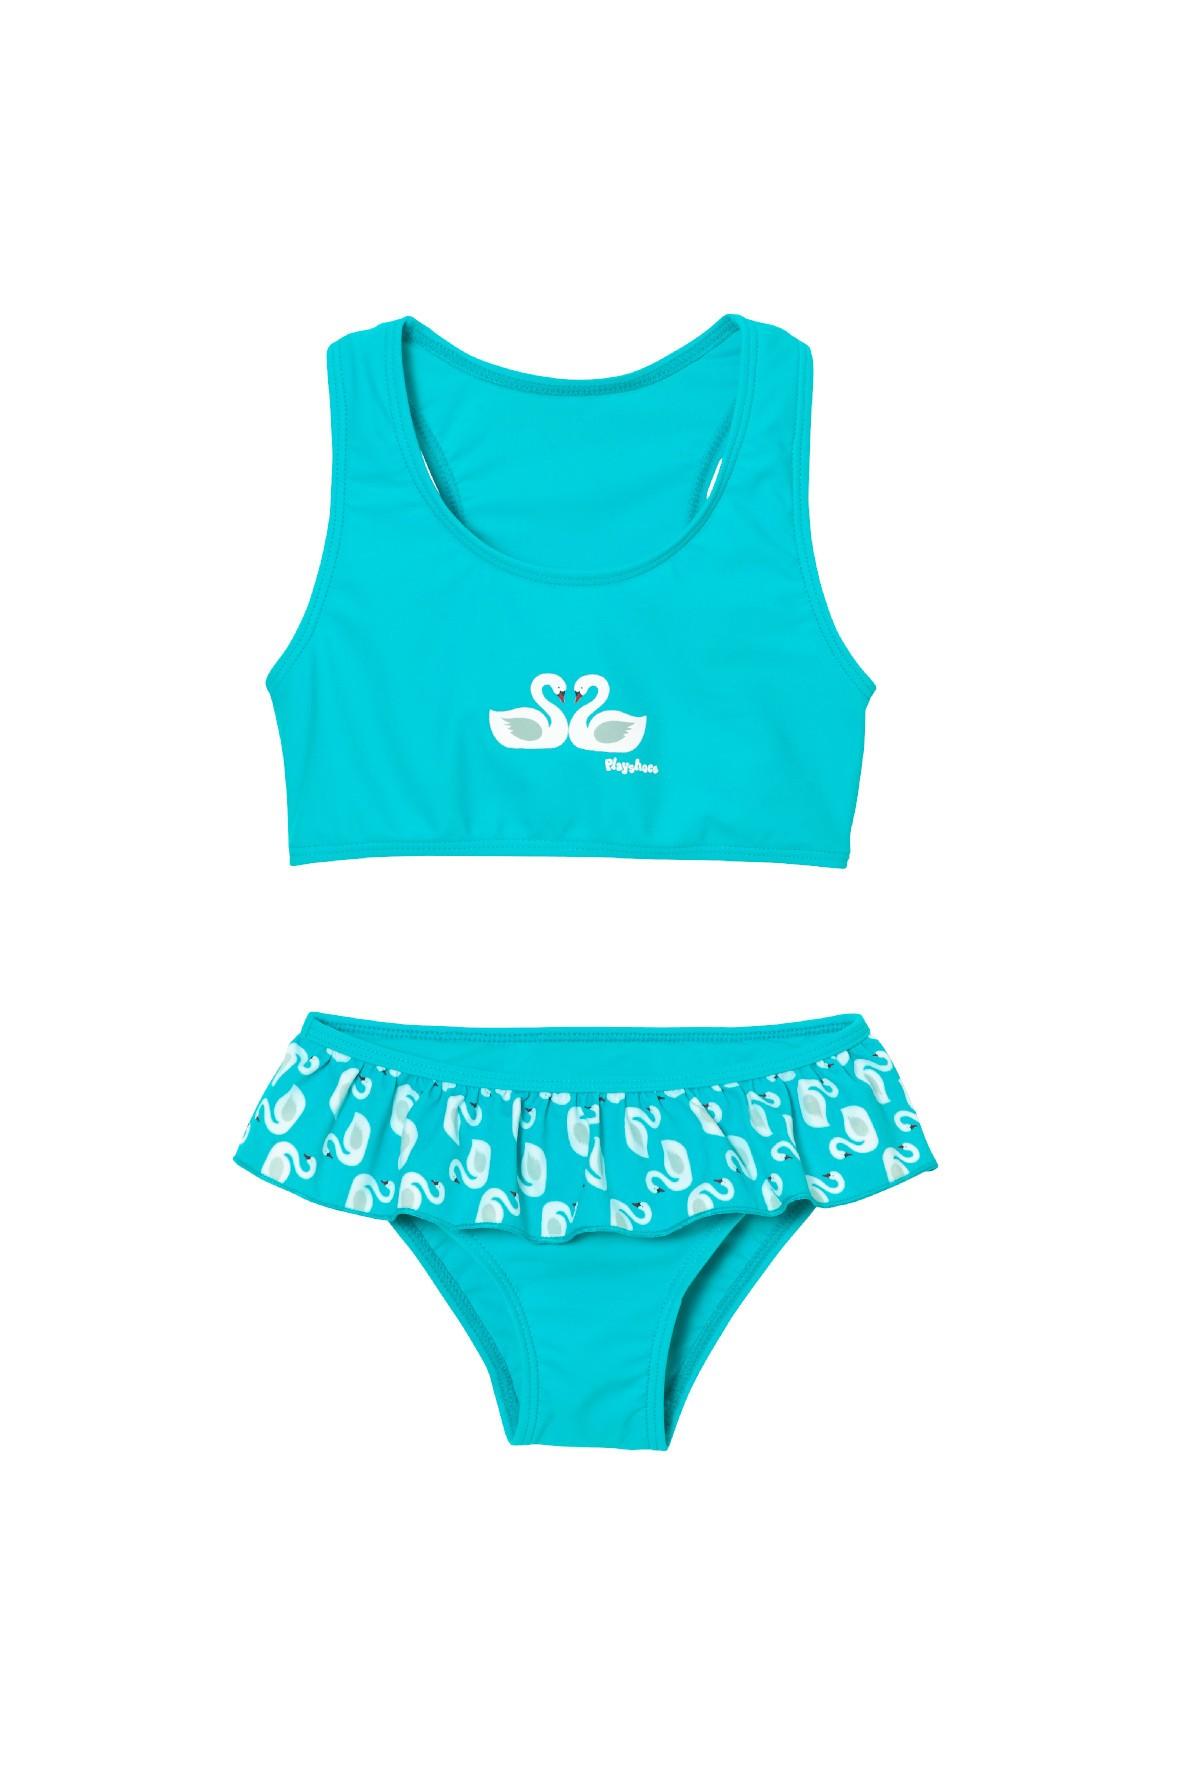 Strój kąpielowy dla dziewczynki z filtrem UV-niebieski